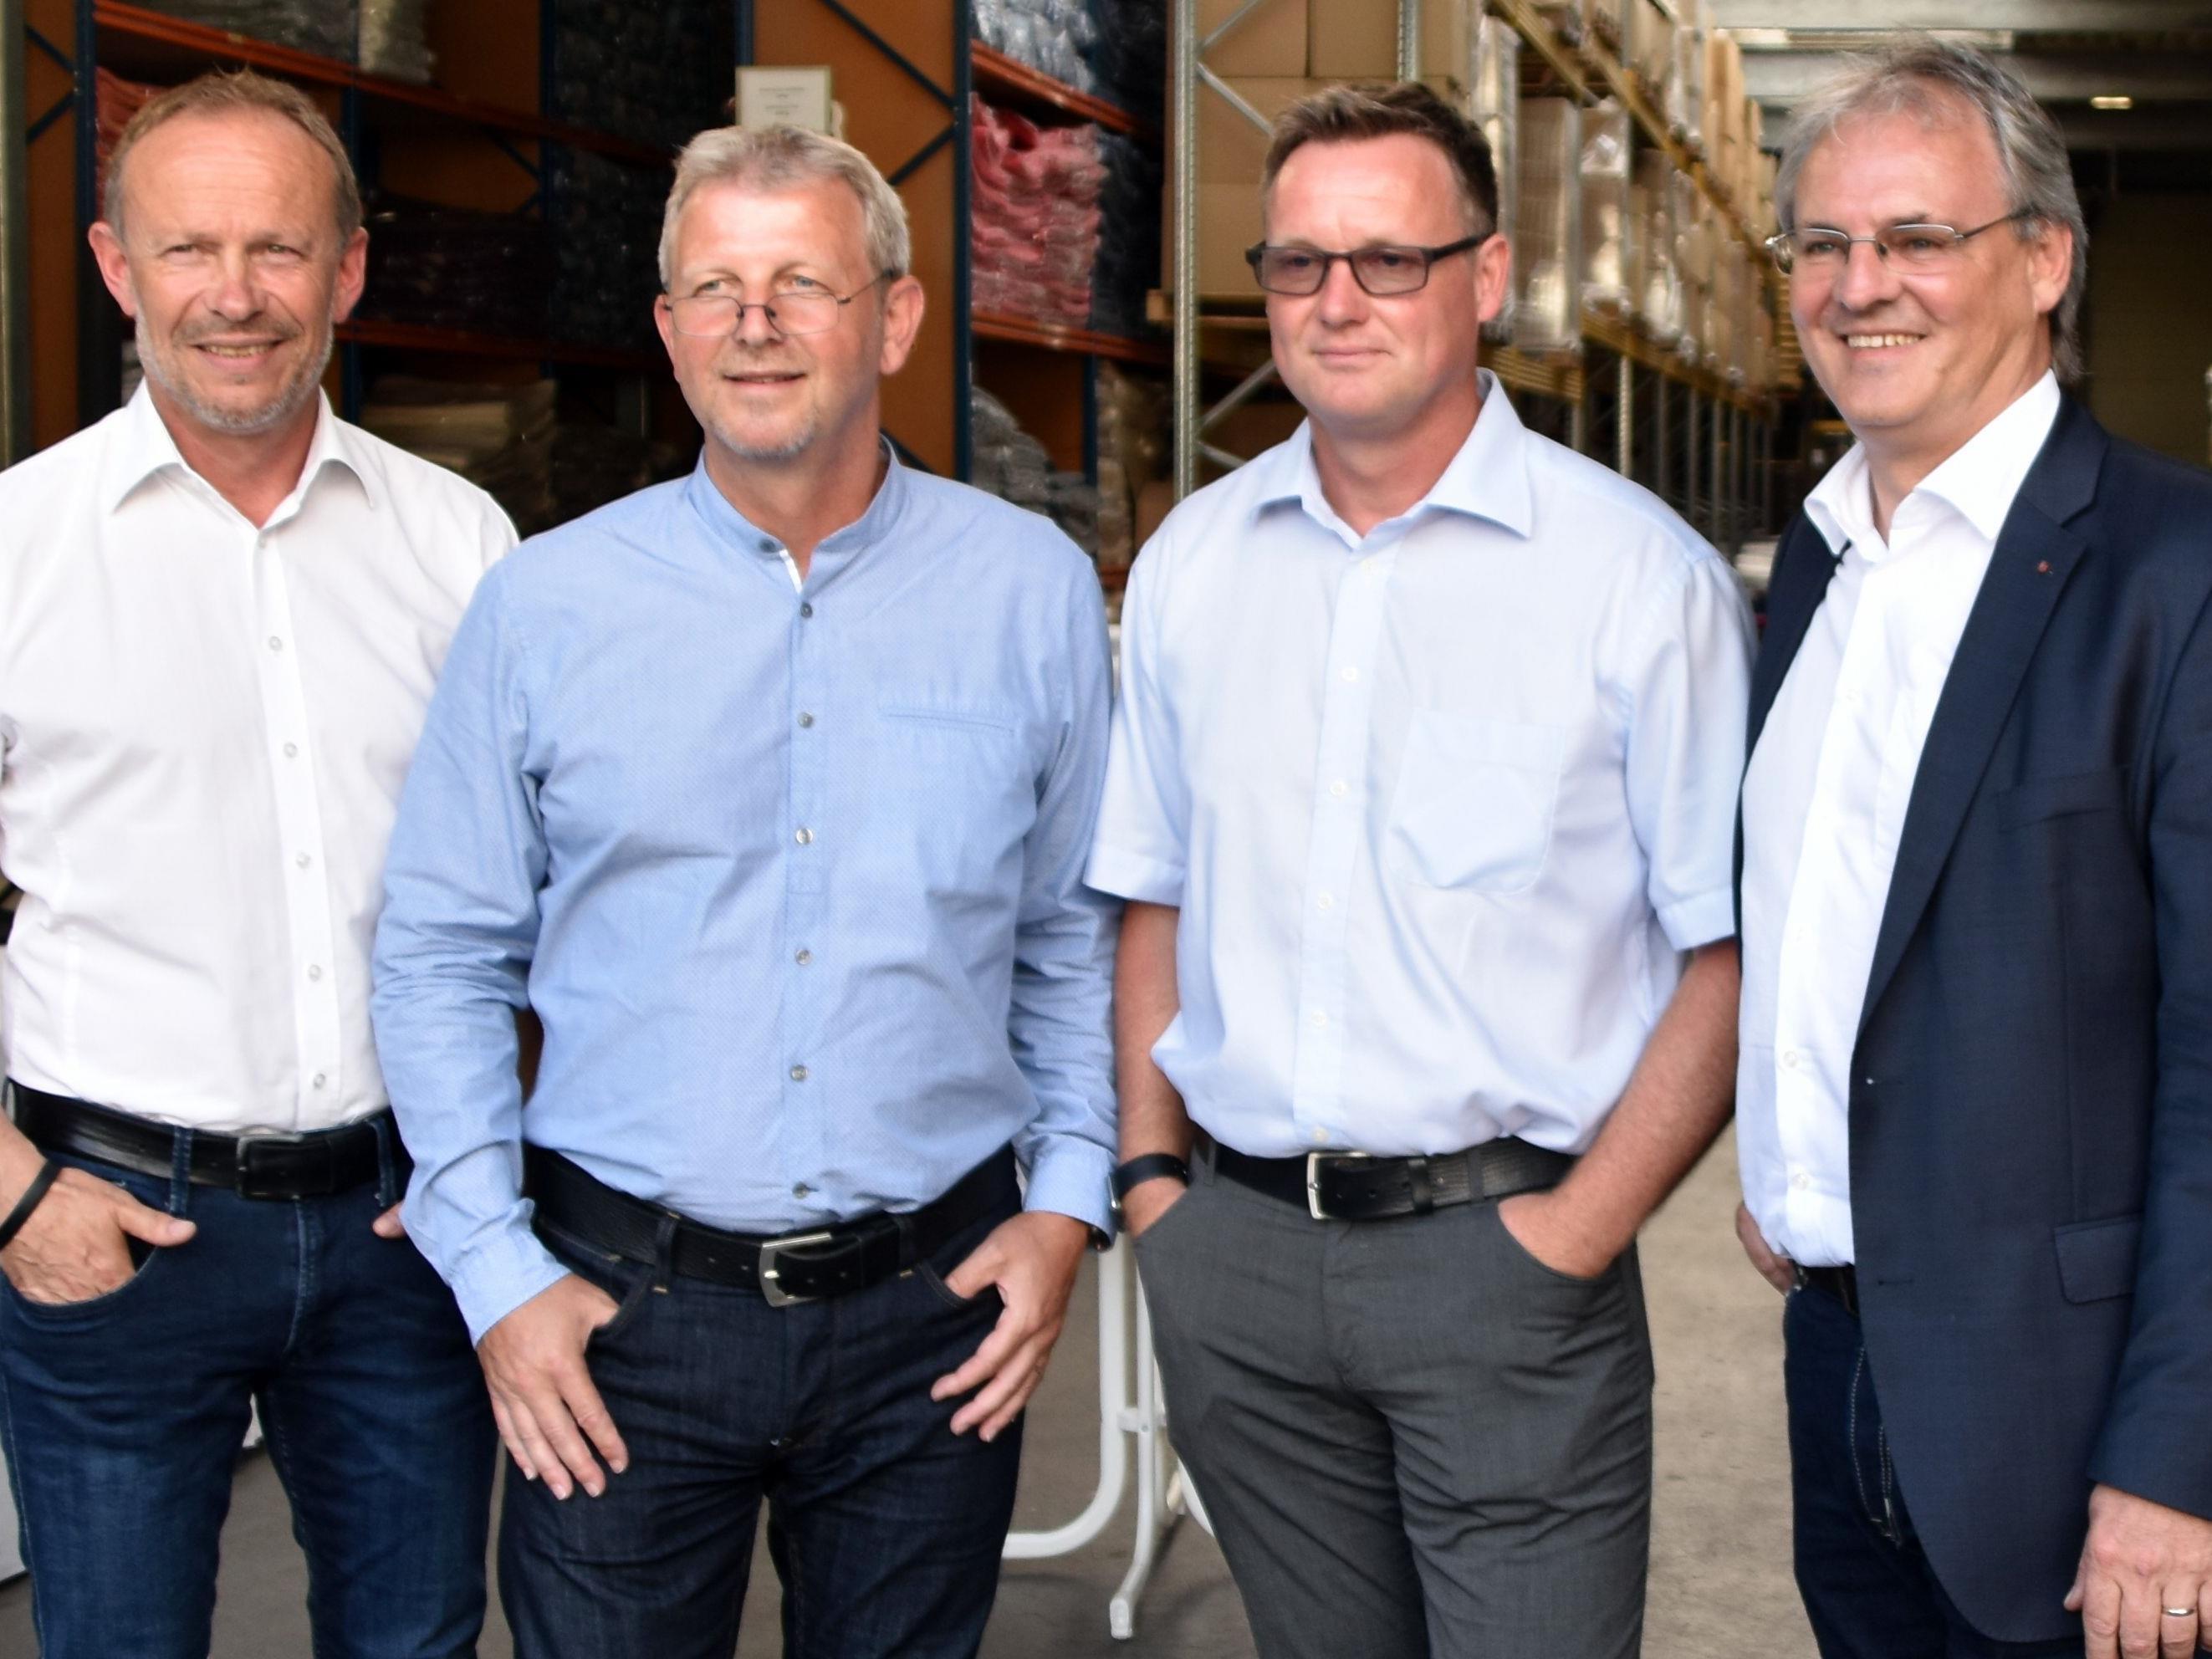 Vizebgm. Franz Kopf, Geschäftsführer Fa. Fussenegger Gottfried Wohlgenannt und Jürgen Spiegel, Landtagspräsident Harald Sonderegger